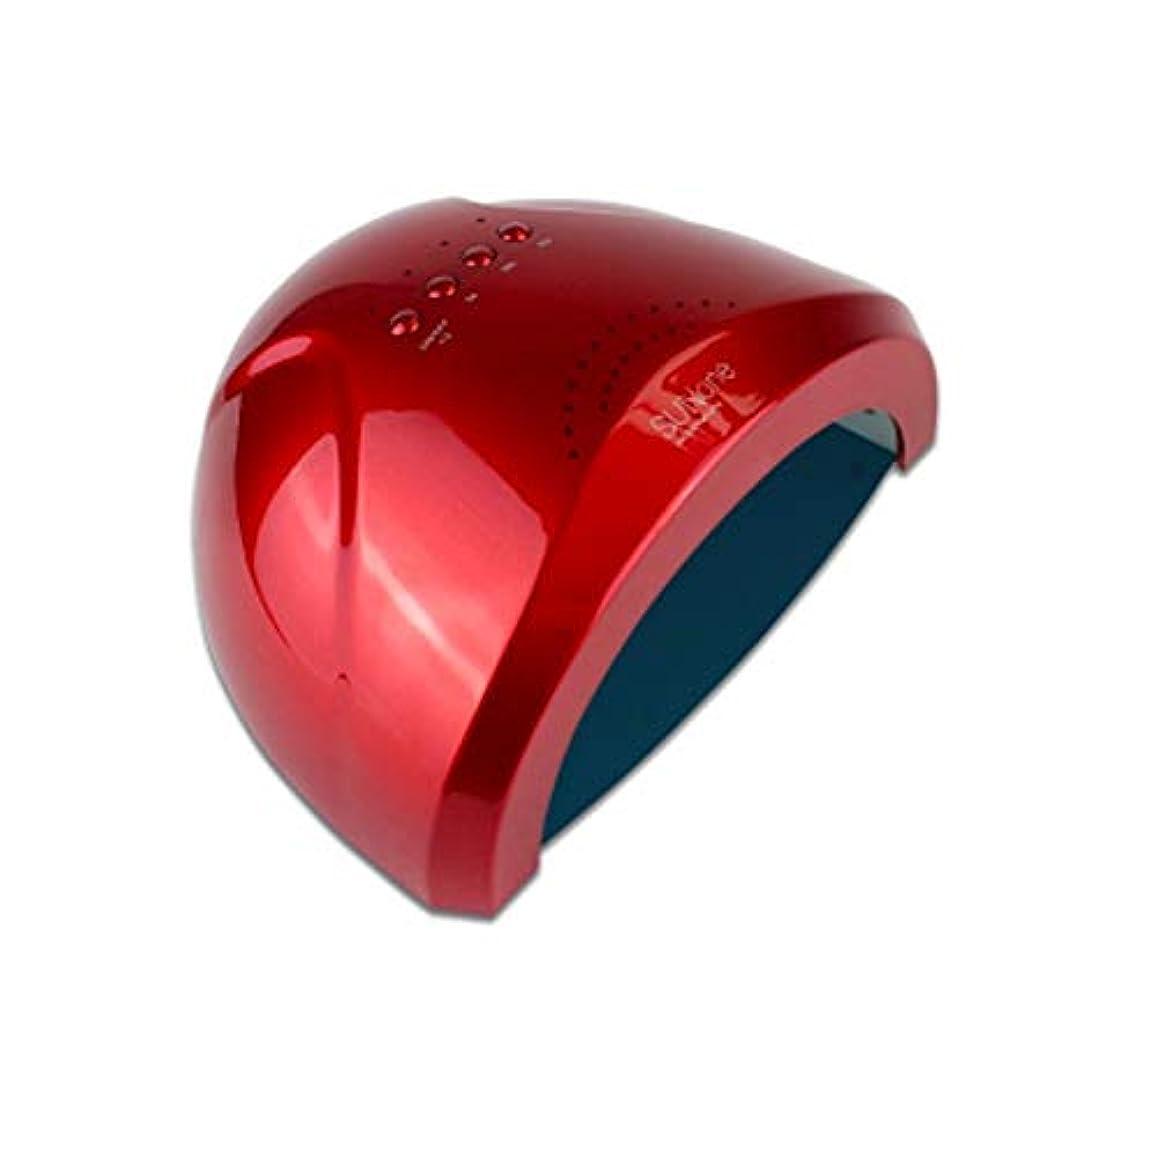 UV LEDネイルライト、ゲル研磨用48ワットクイックネイルドライヤー、3タイマー設定付きネイルライト、自動センサー,Red